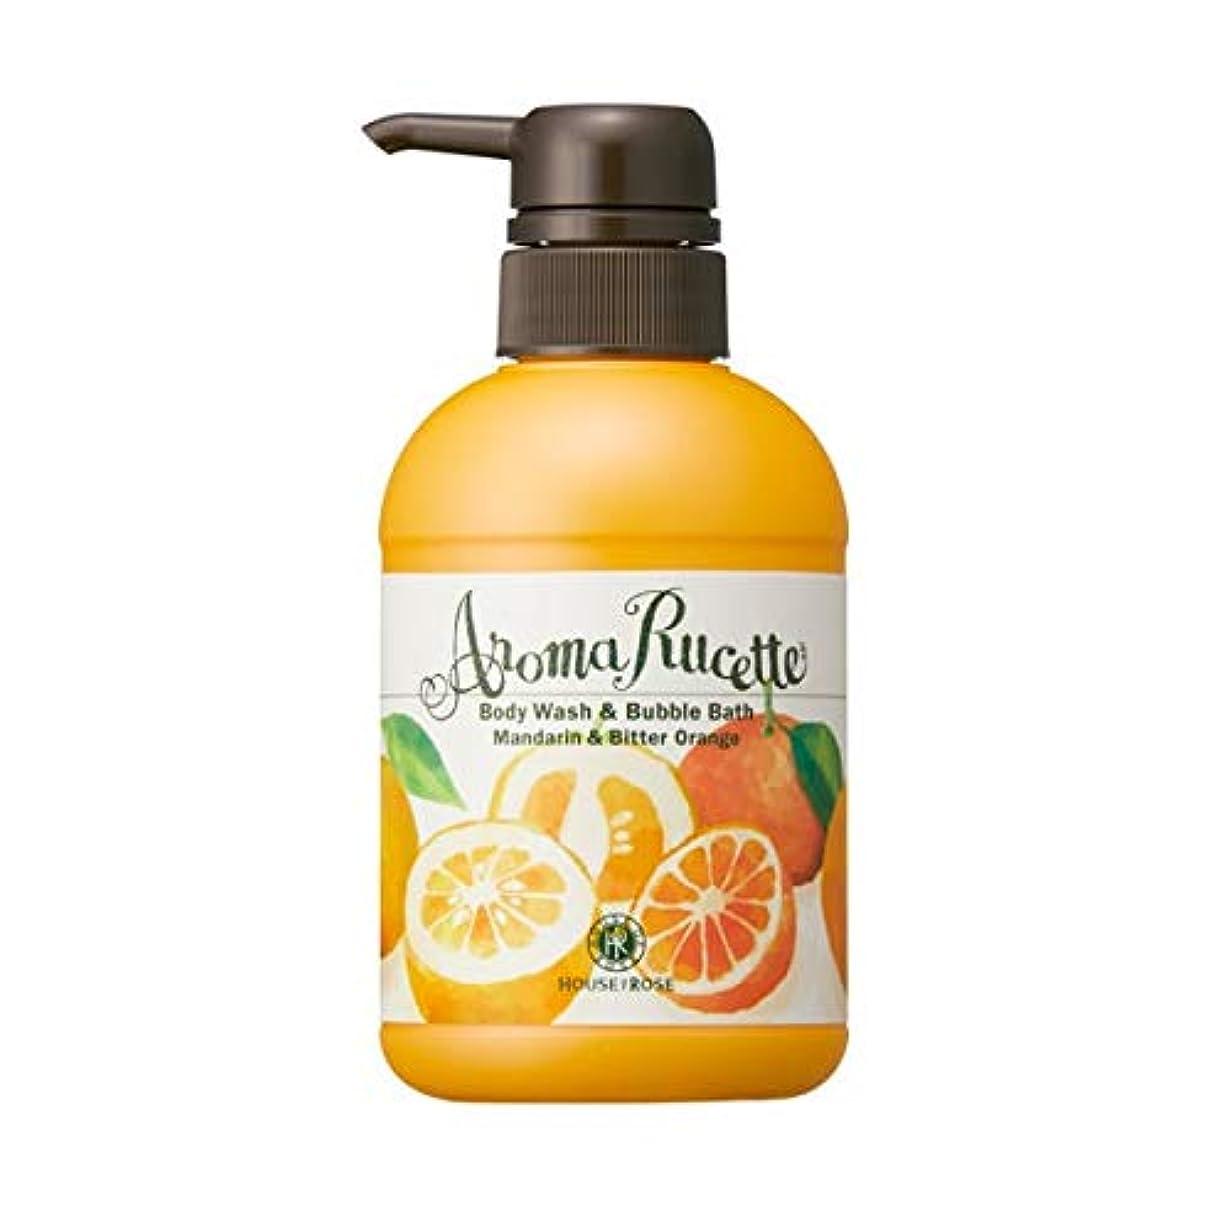 ワイド付属品チャップHOUSE OF ROSE(ハウスオブローゼ) ハウスオブローゼ/アロマルセット ボディウォッシュ&バブルバス MD&BO(マンダリン&ビターオレンジの香り)350mL